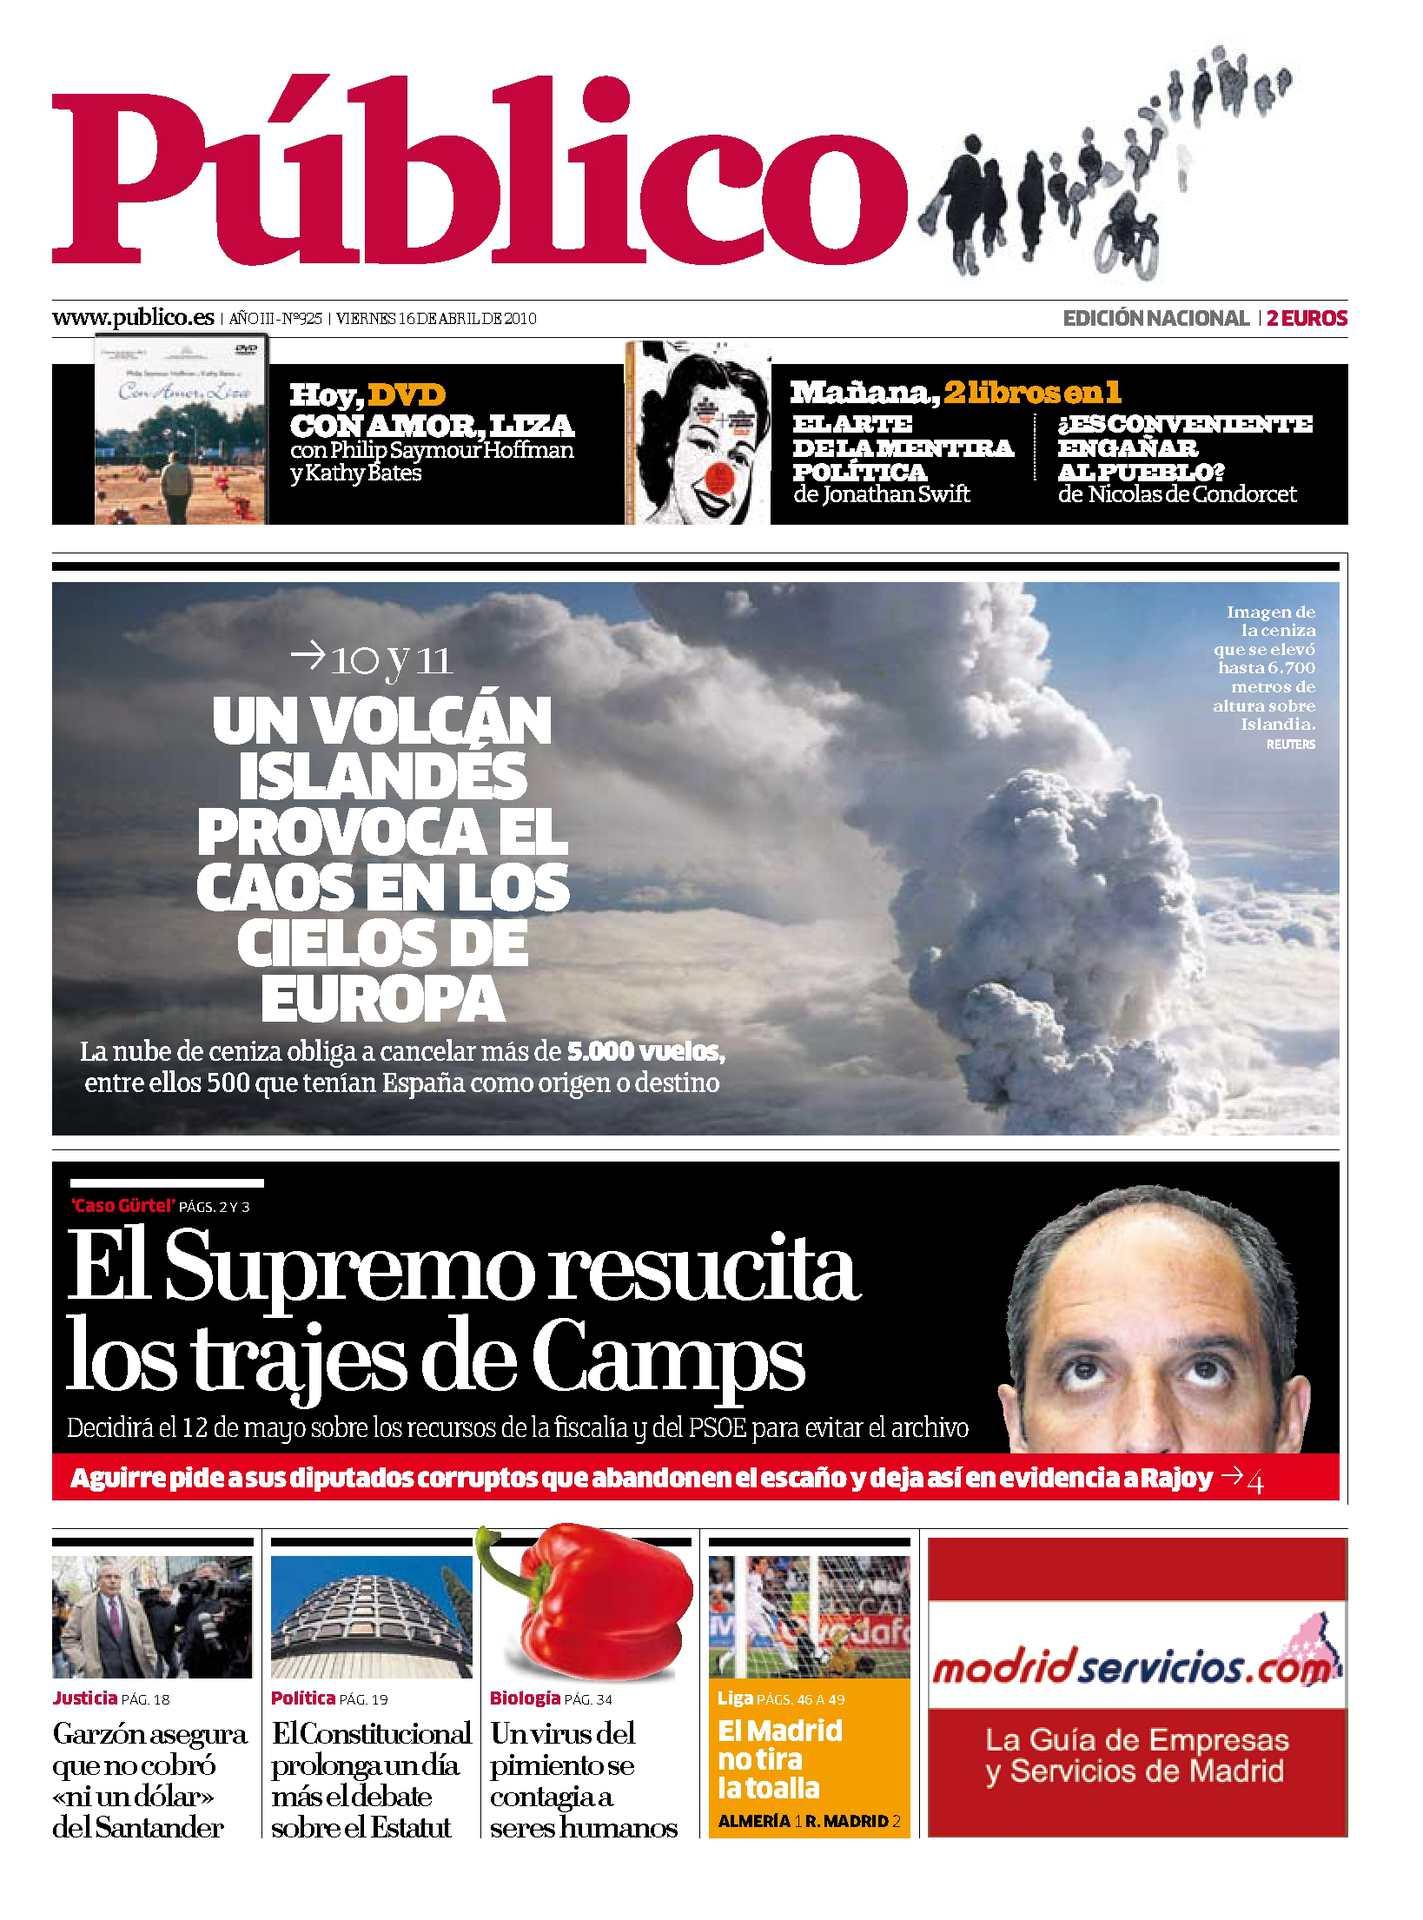 62a4a874110 Calaméo - Diario PÚBLICO 16-04-2010